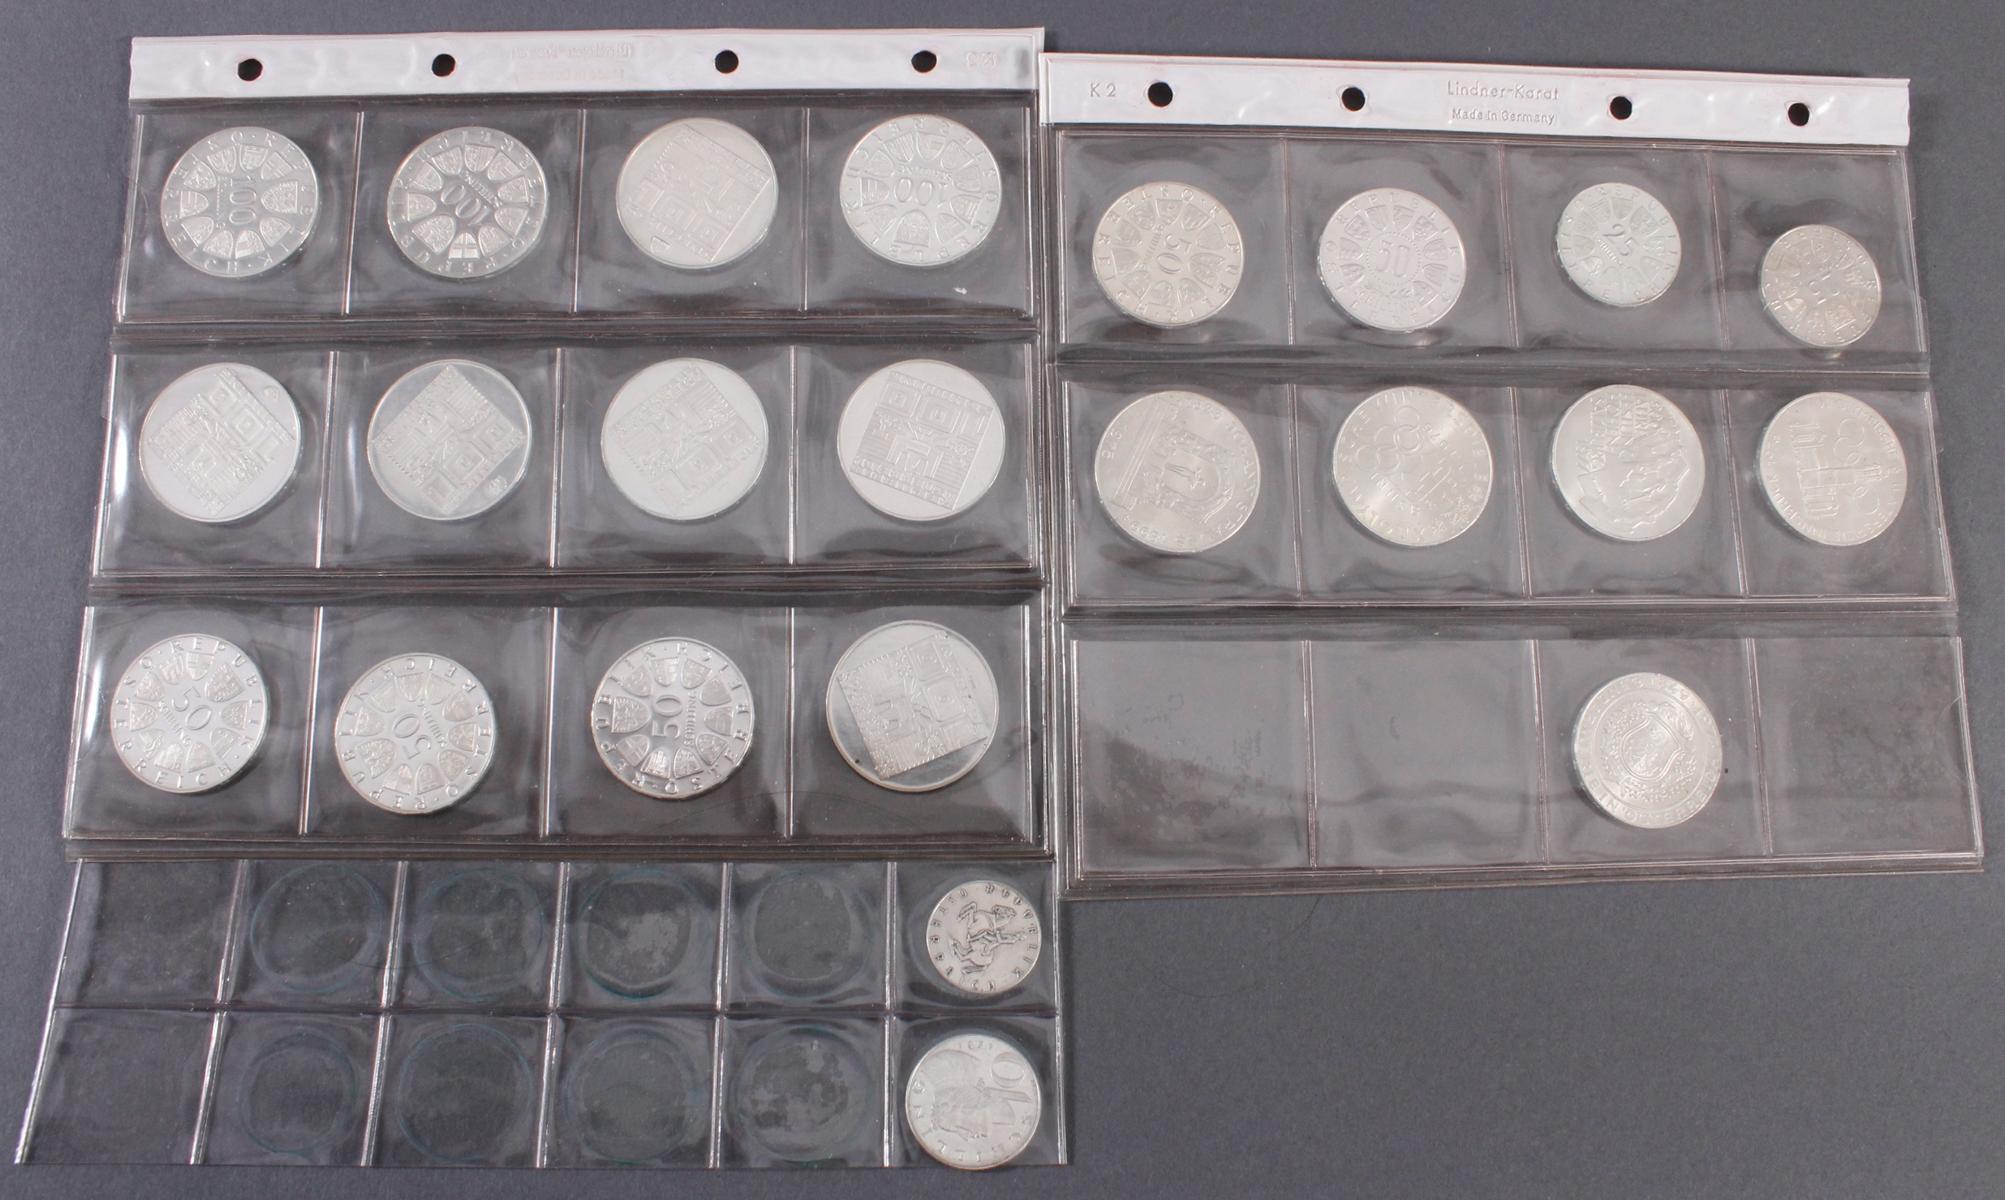 Schilling Münzen, u.a. 100, 50 und 5 Schilling